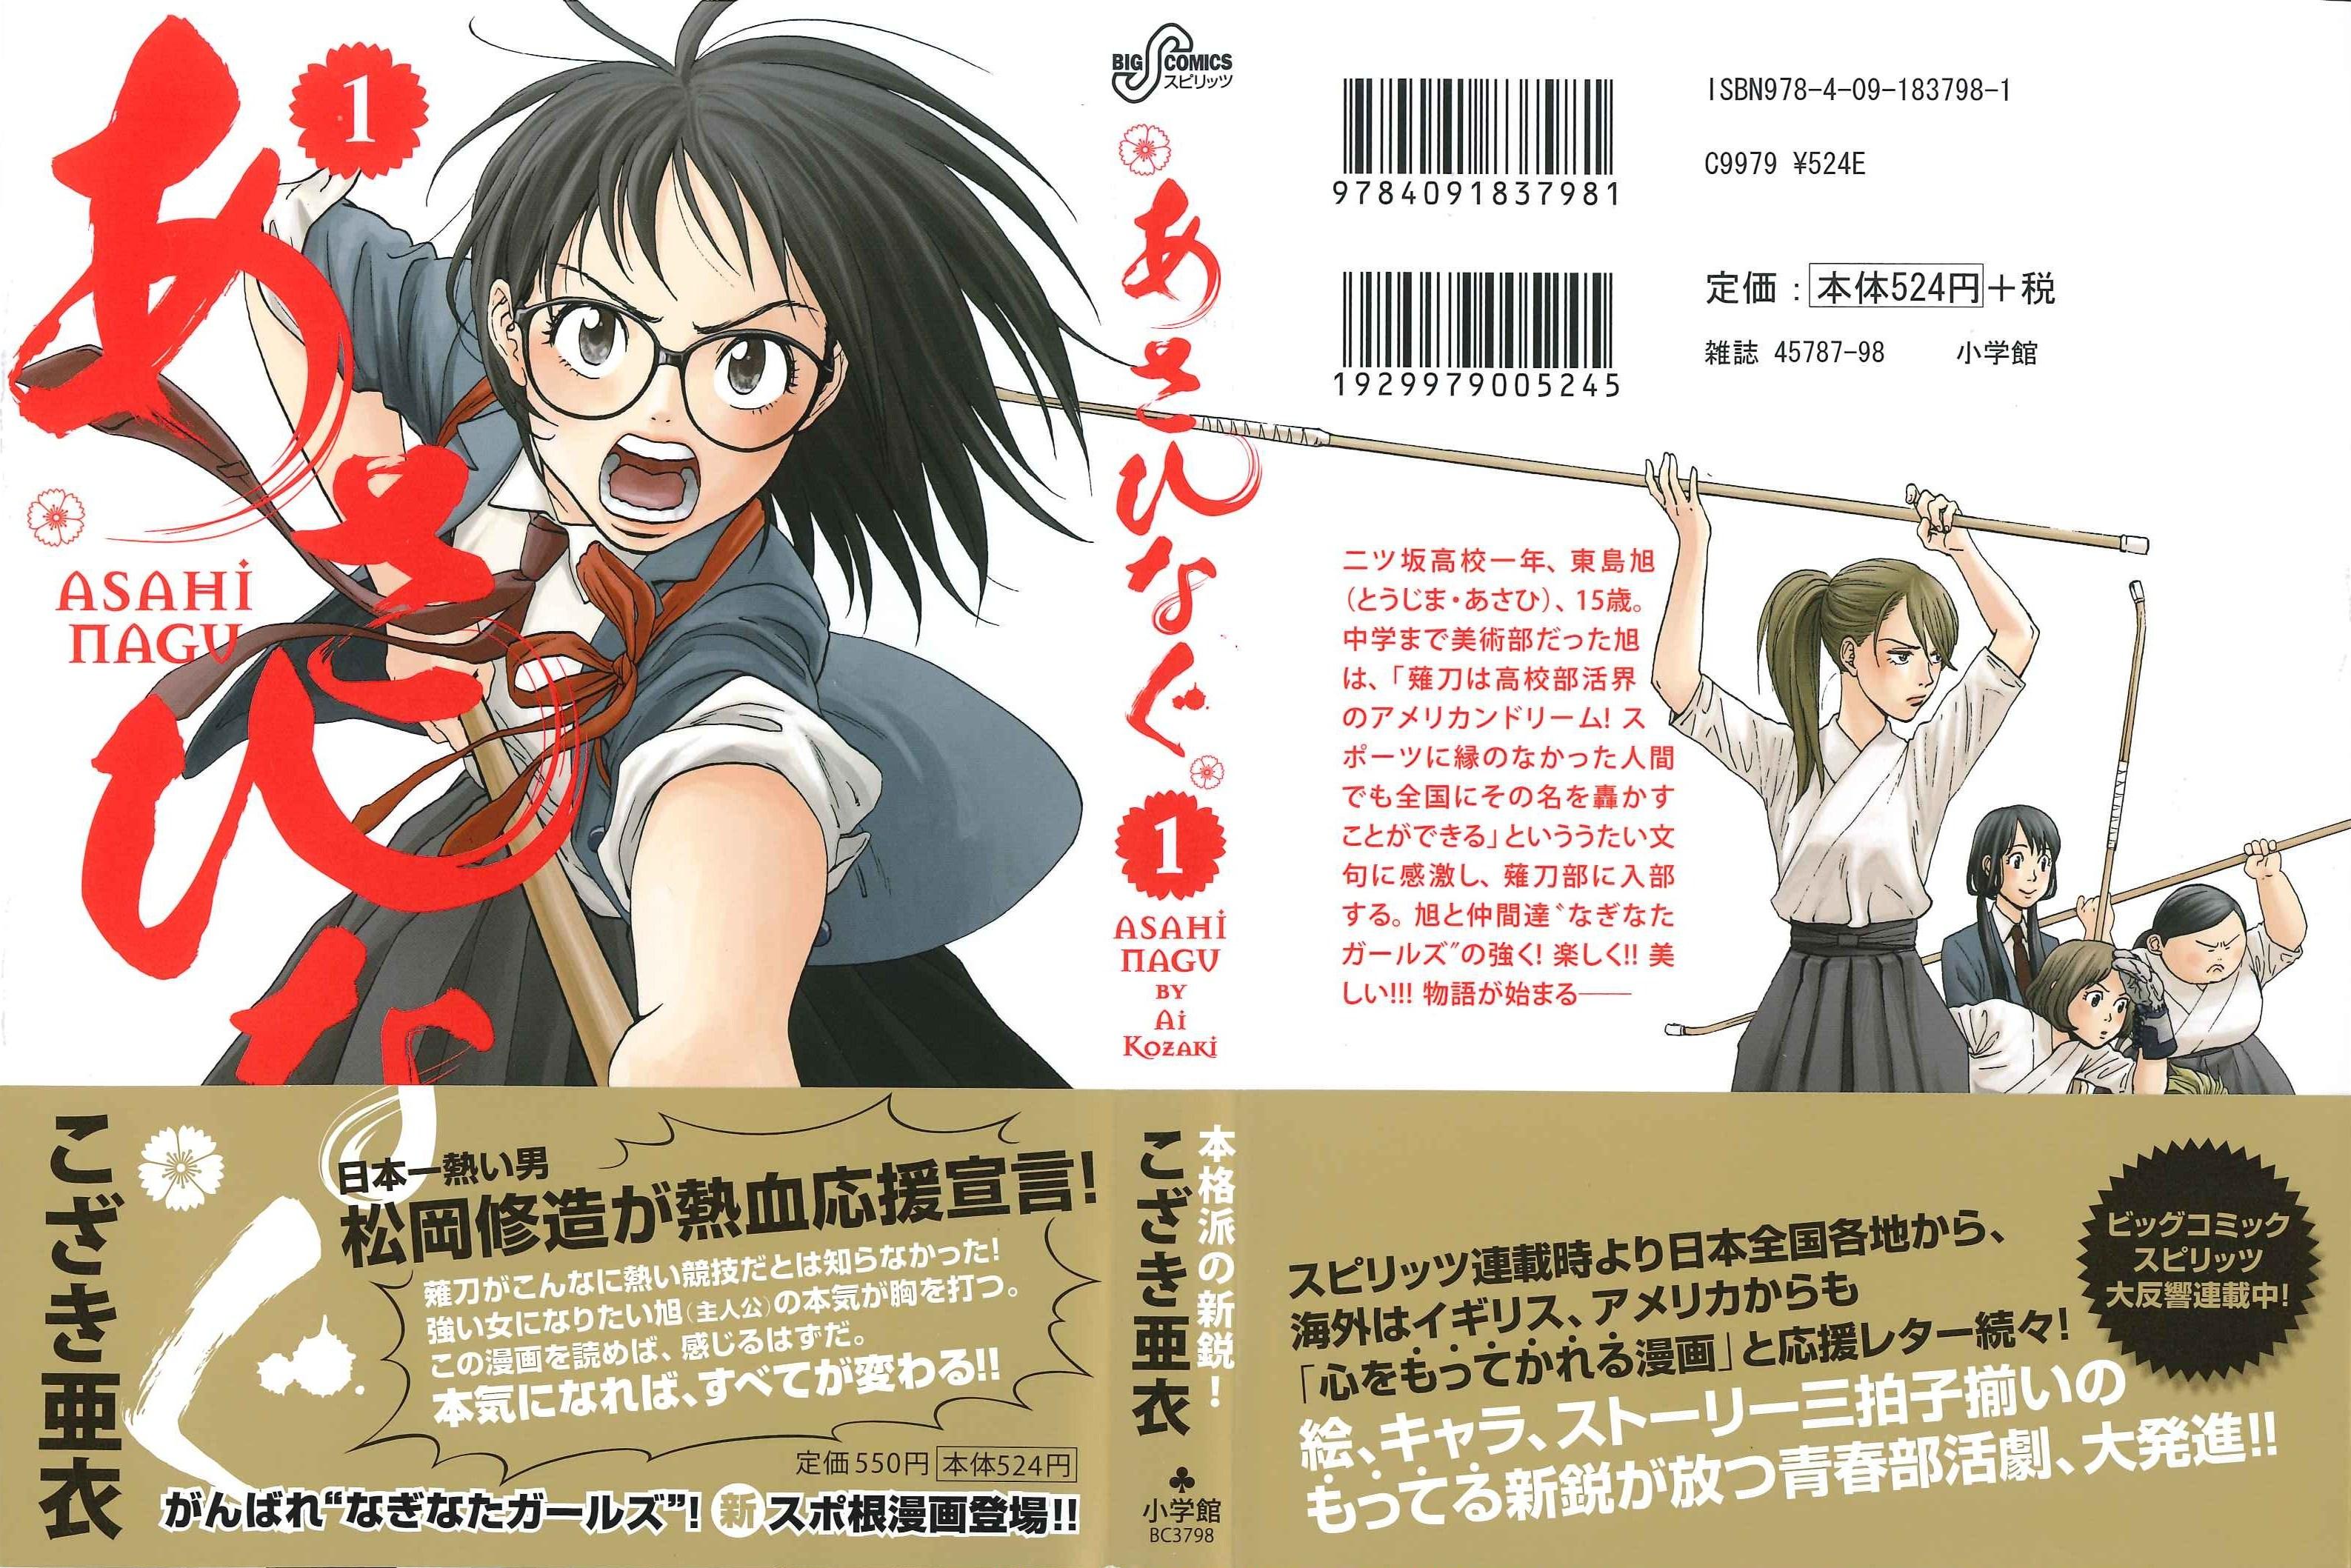 http://c5.ninemanga.com/es_manga/15/16015/382897/bd896f3dbc16b0042625fbf0a8ab8b3a.jpg Page 2